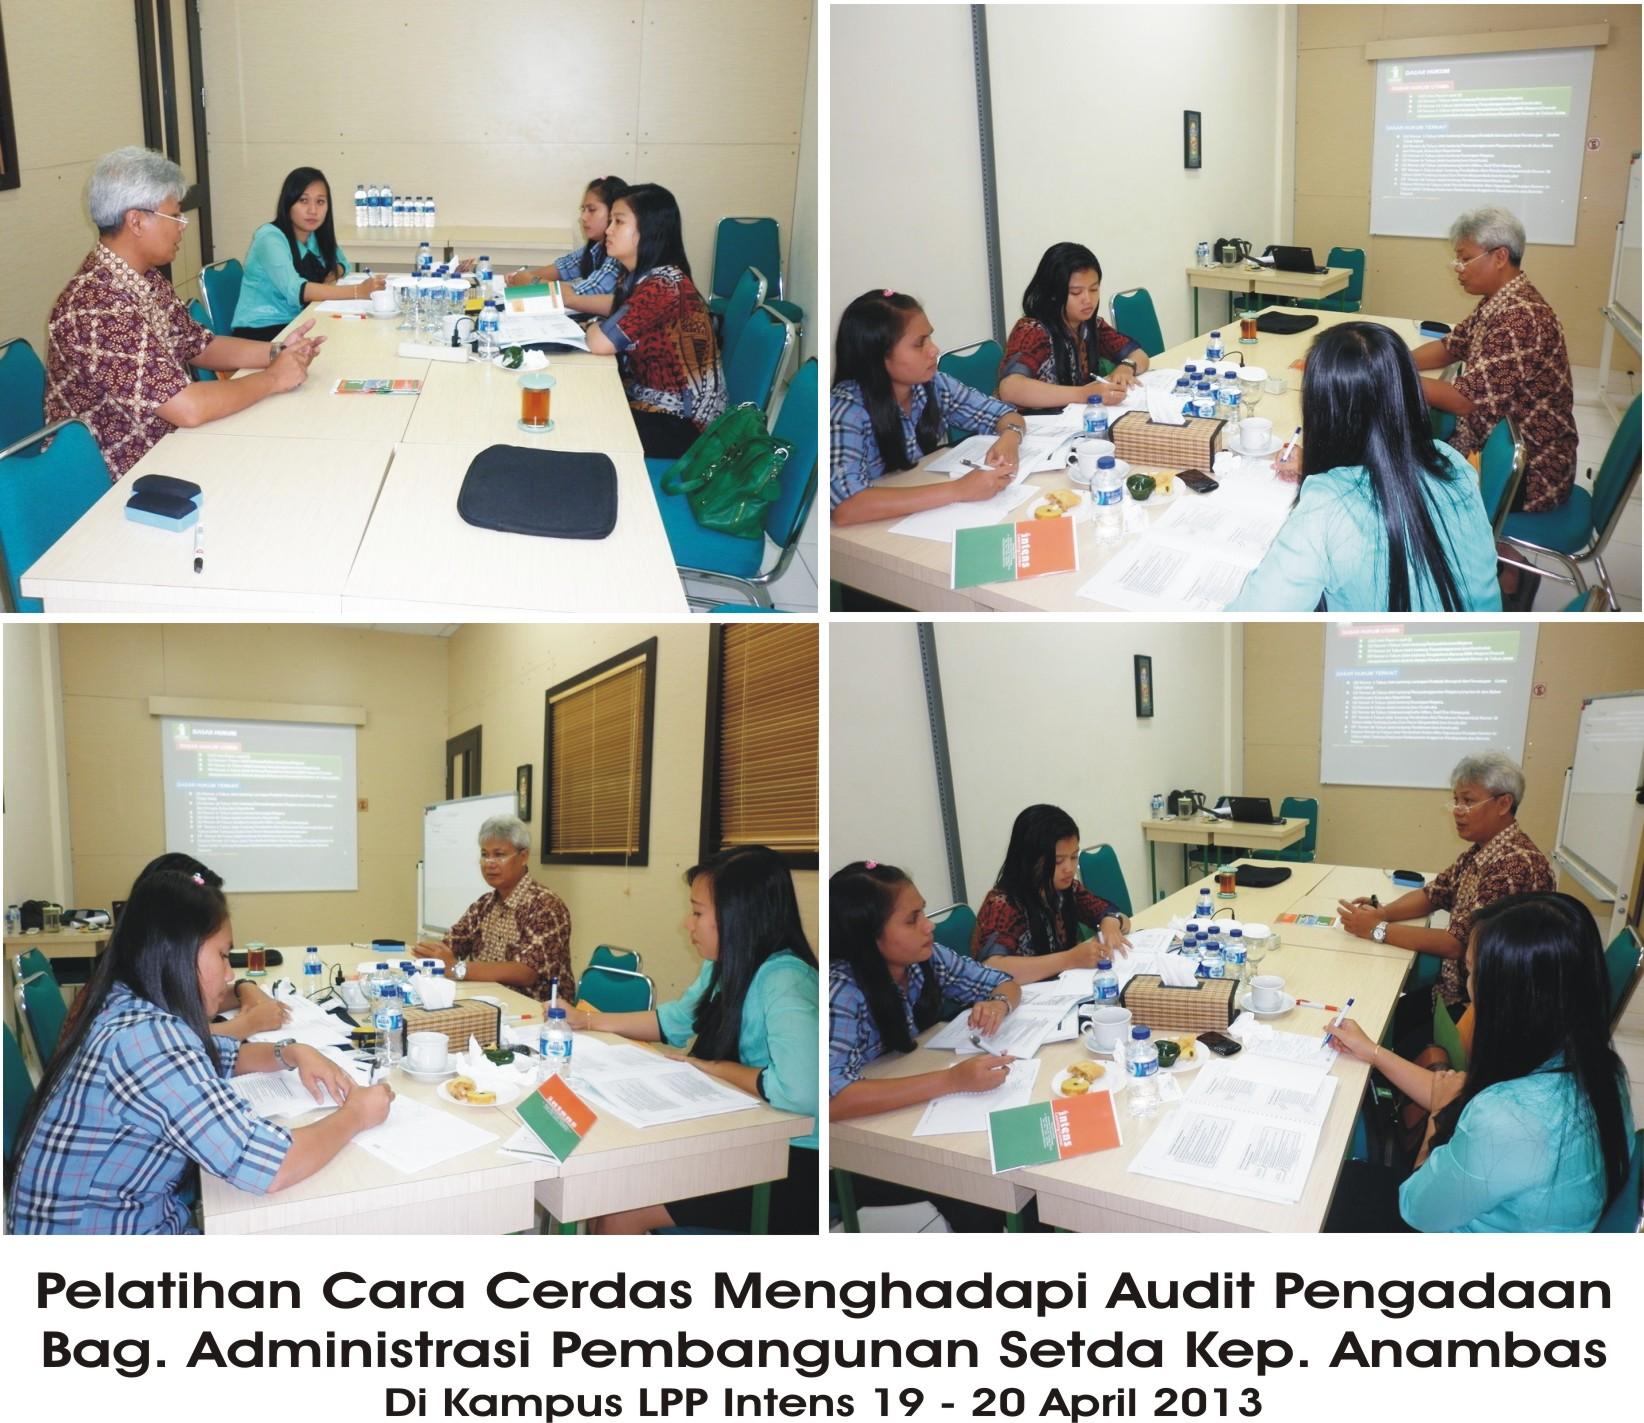 Pelatihan Cara Cerdas Menghadapi Audit Pengadaan Bag. Administrasi Pembangunan Setda Kep